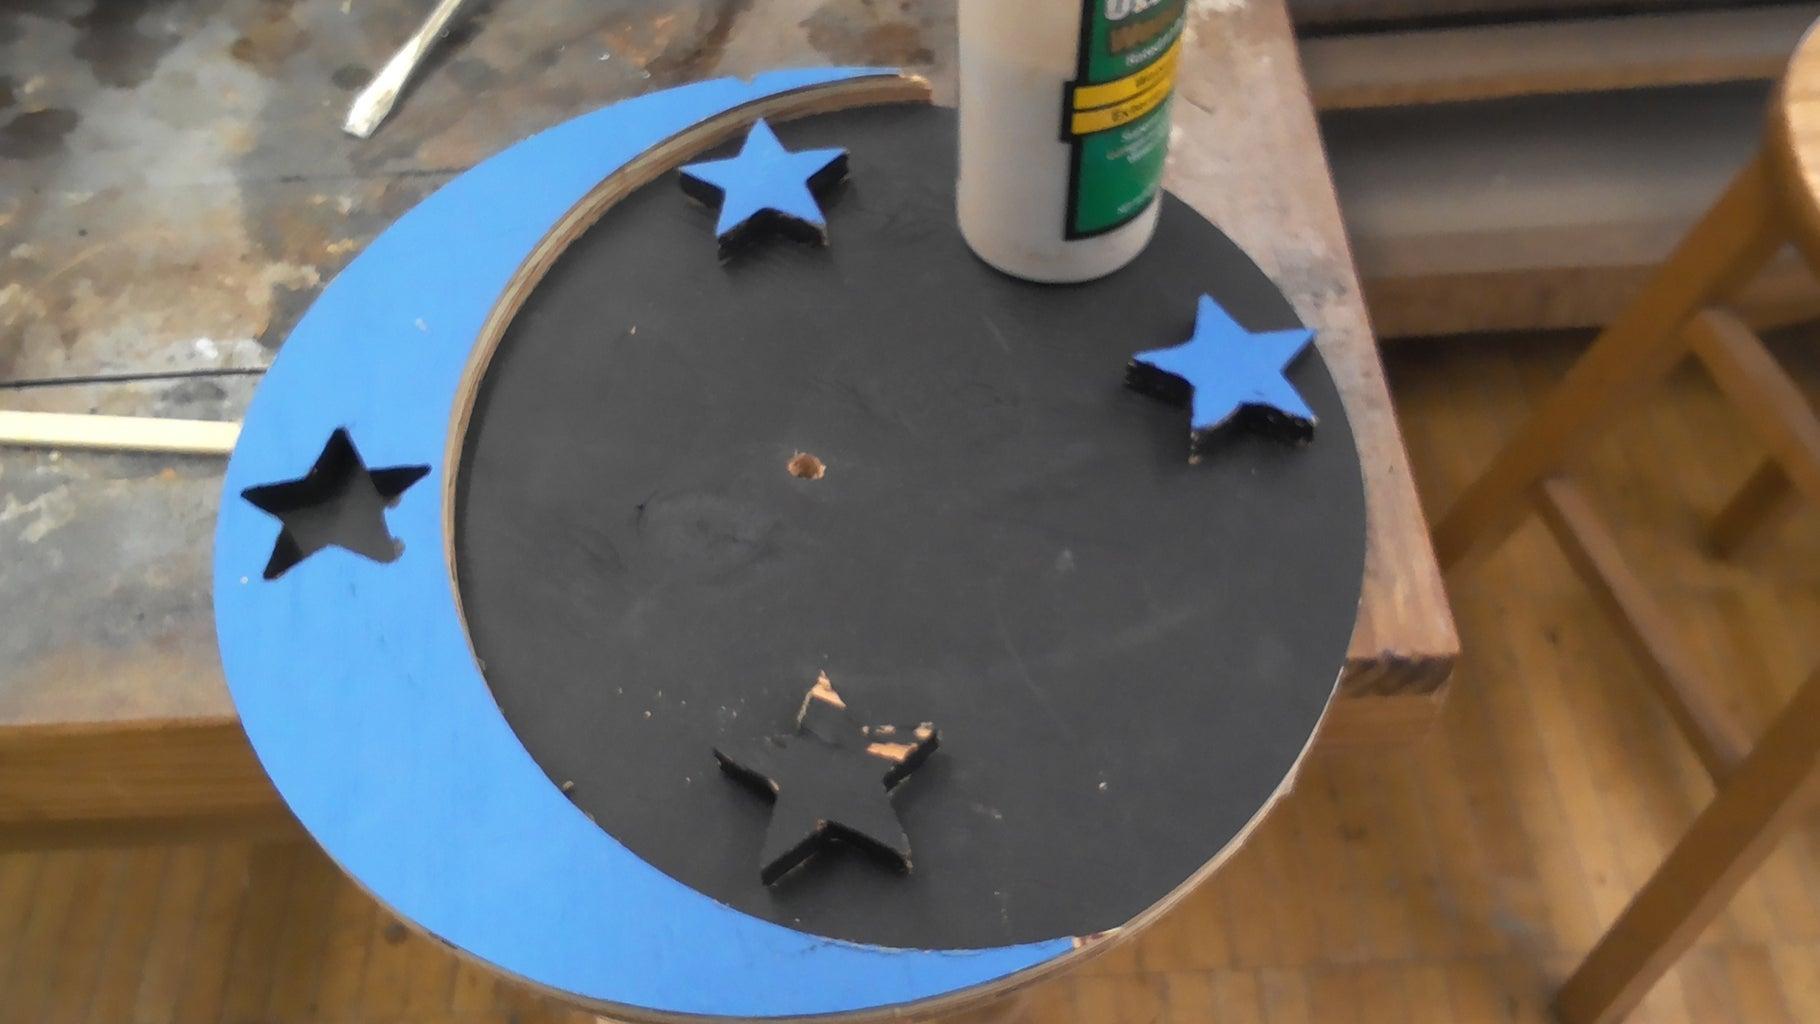 Step 7:  Glue the Stars